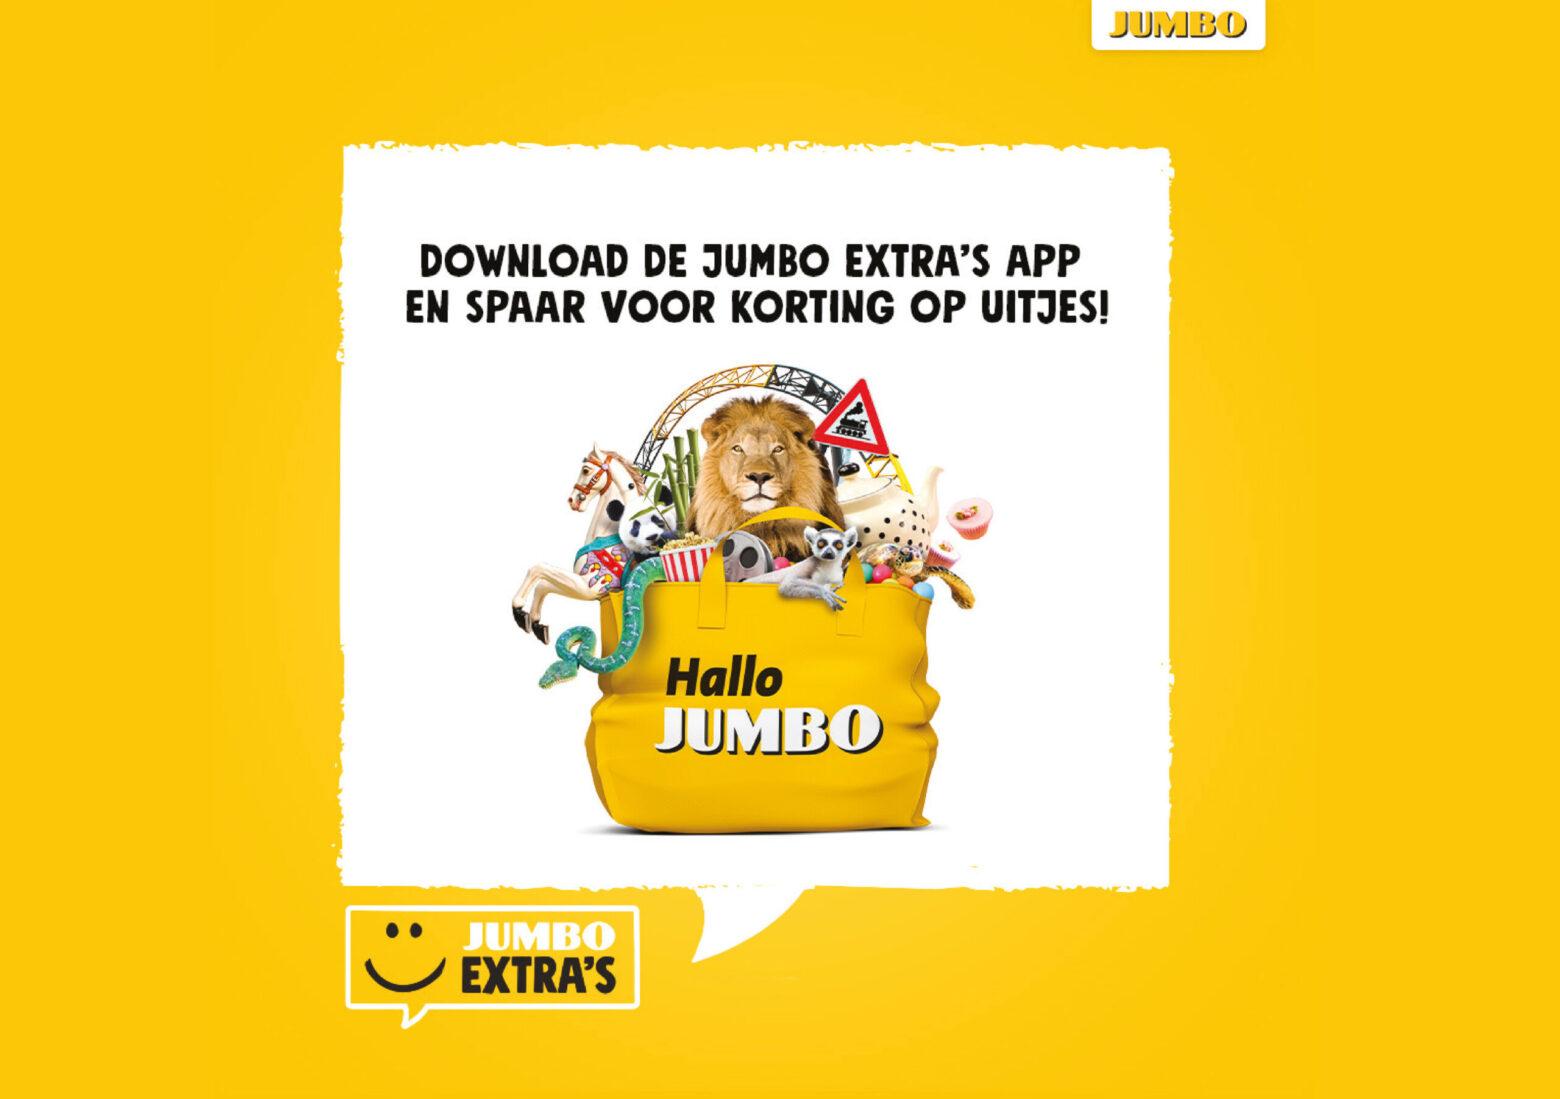 Jumbo Extra's spaar voor korting